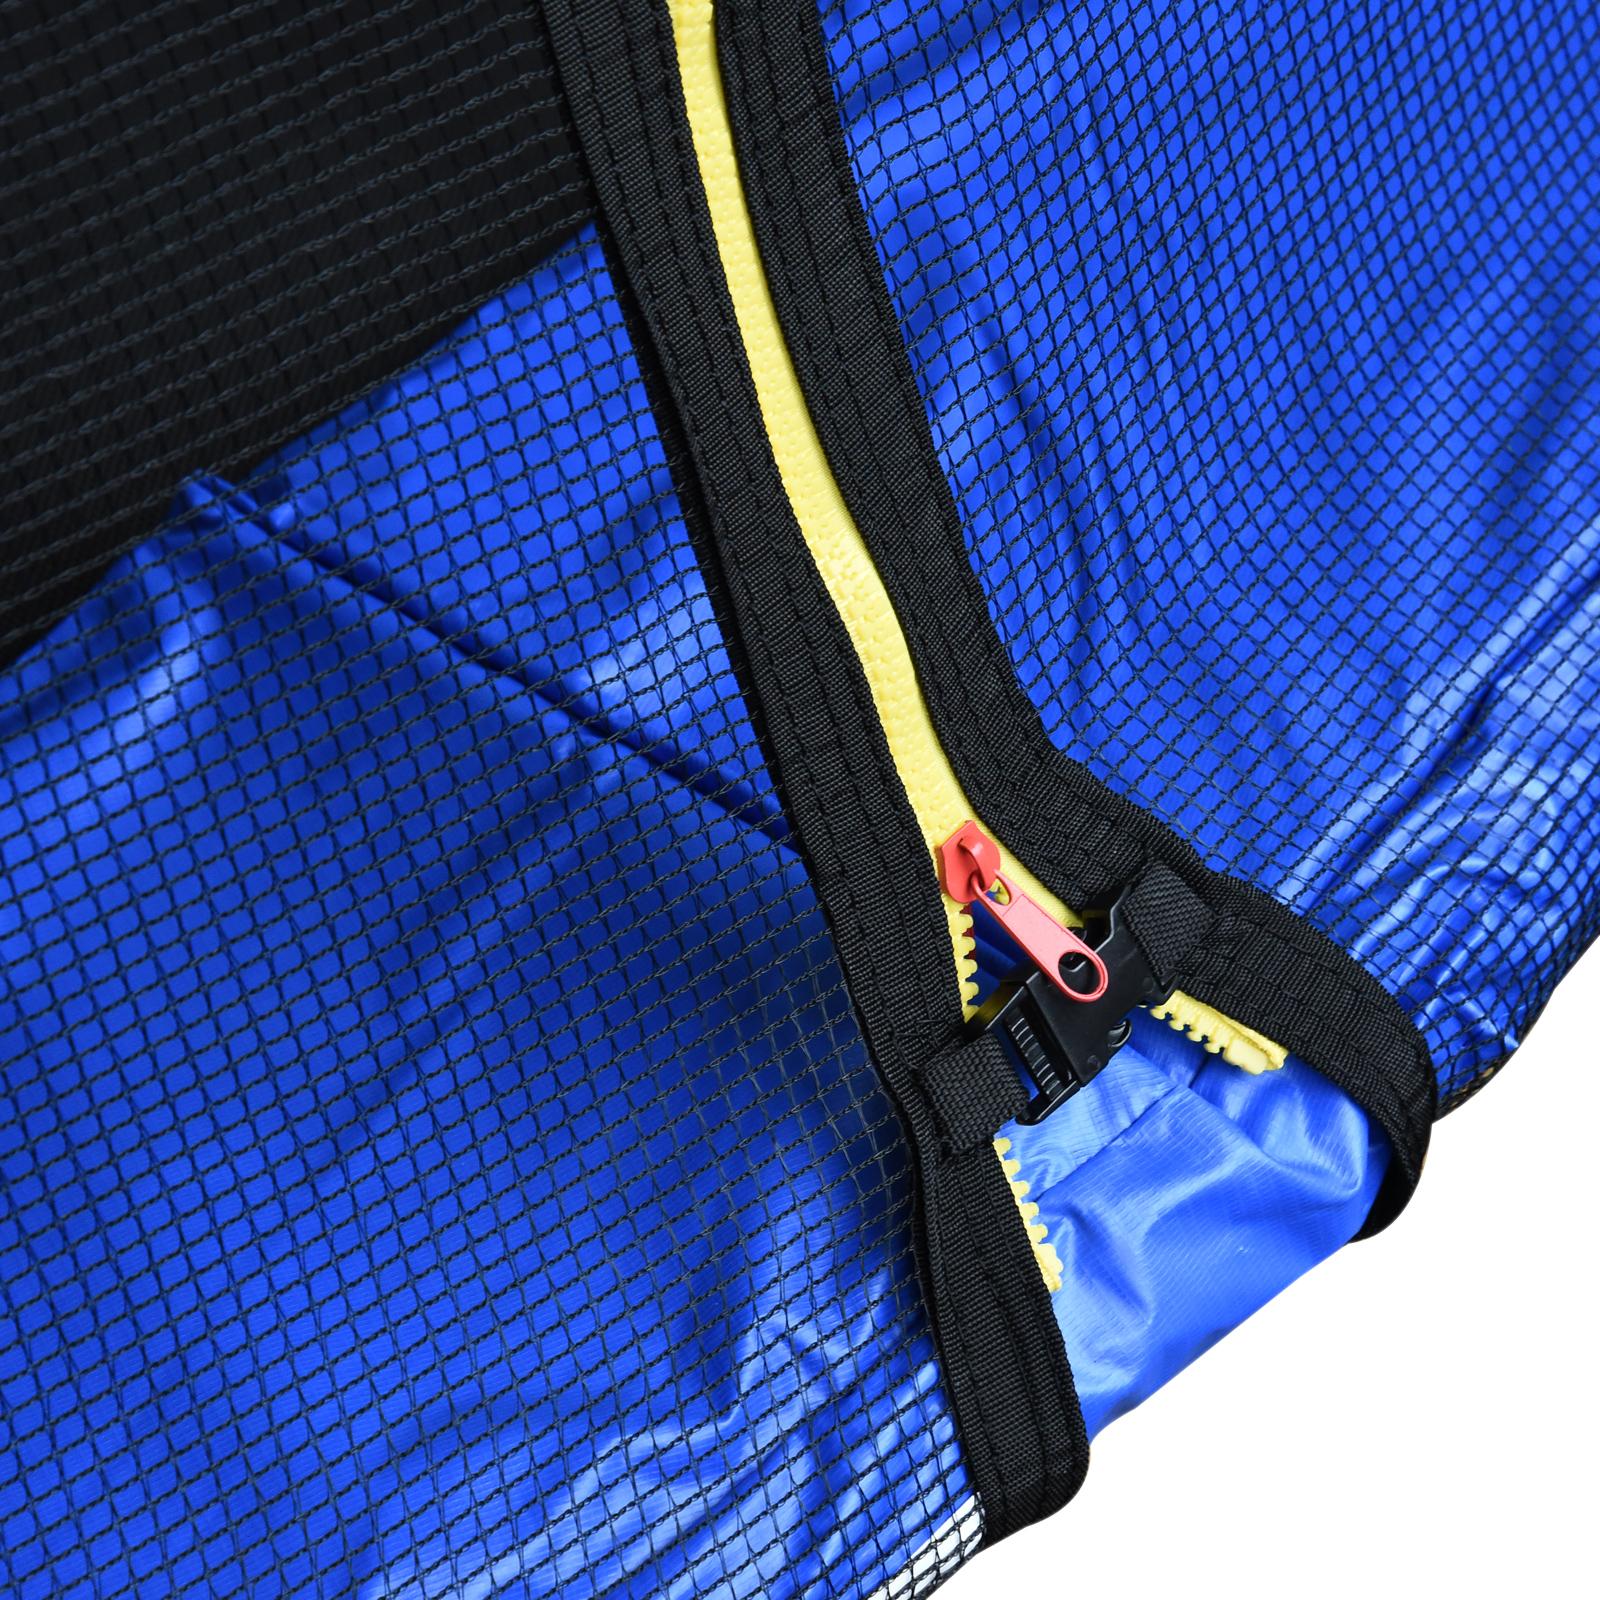 Cubierta-Protectora-para-Borde-de-Cama-Elastica-Trampolin-3-Medidas-Opcionales miniatura 4